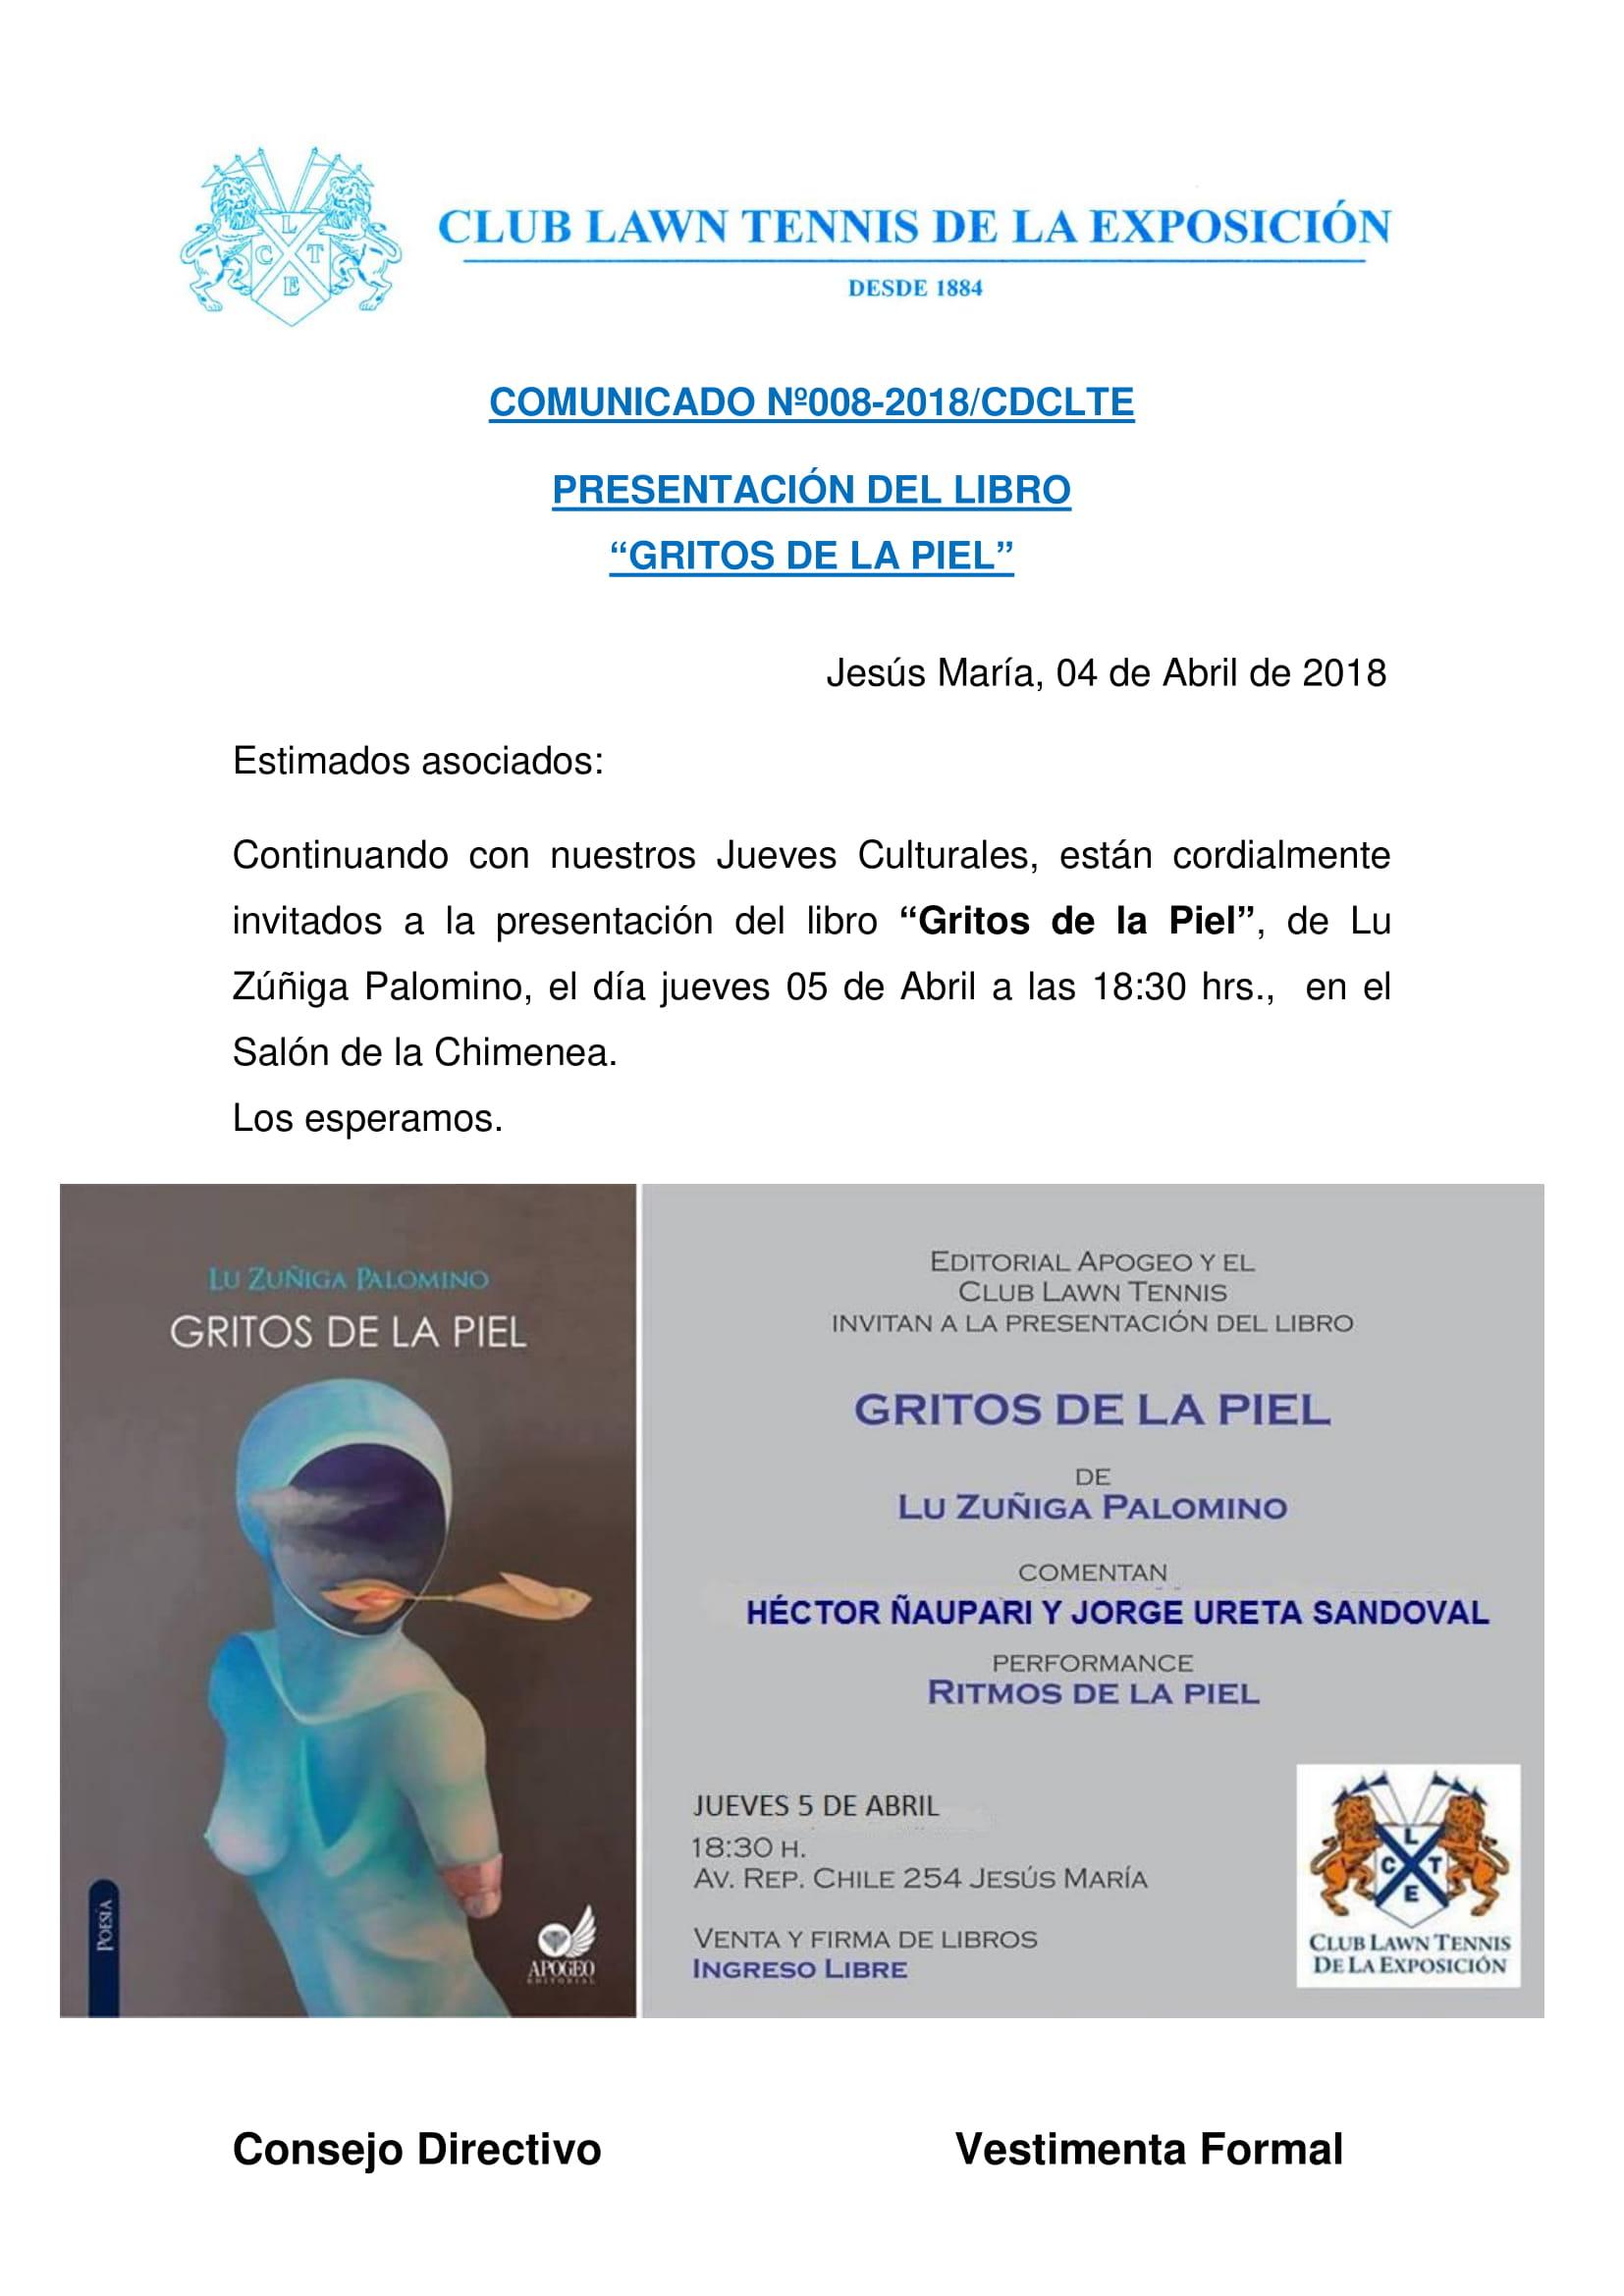 Comunicado 008 - PRESENTACION DEL LIBRO GRITOS DE LA PIEL